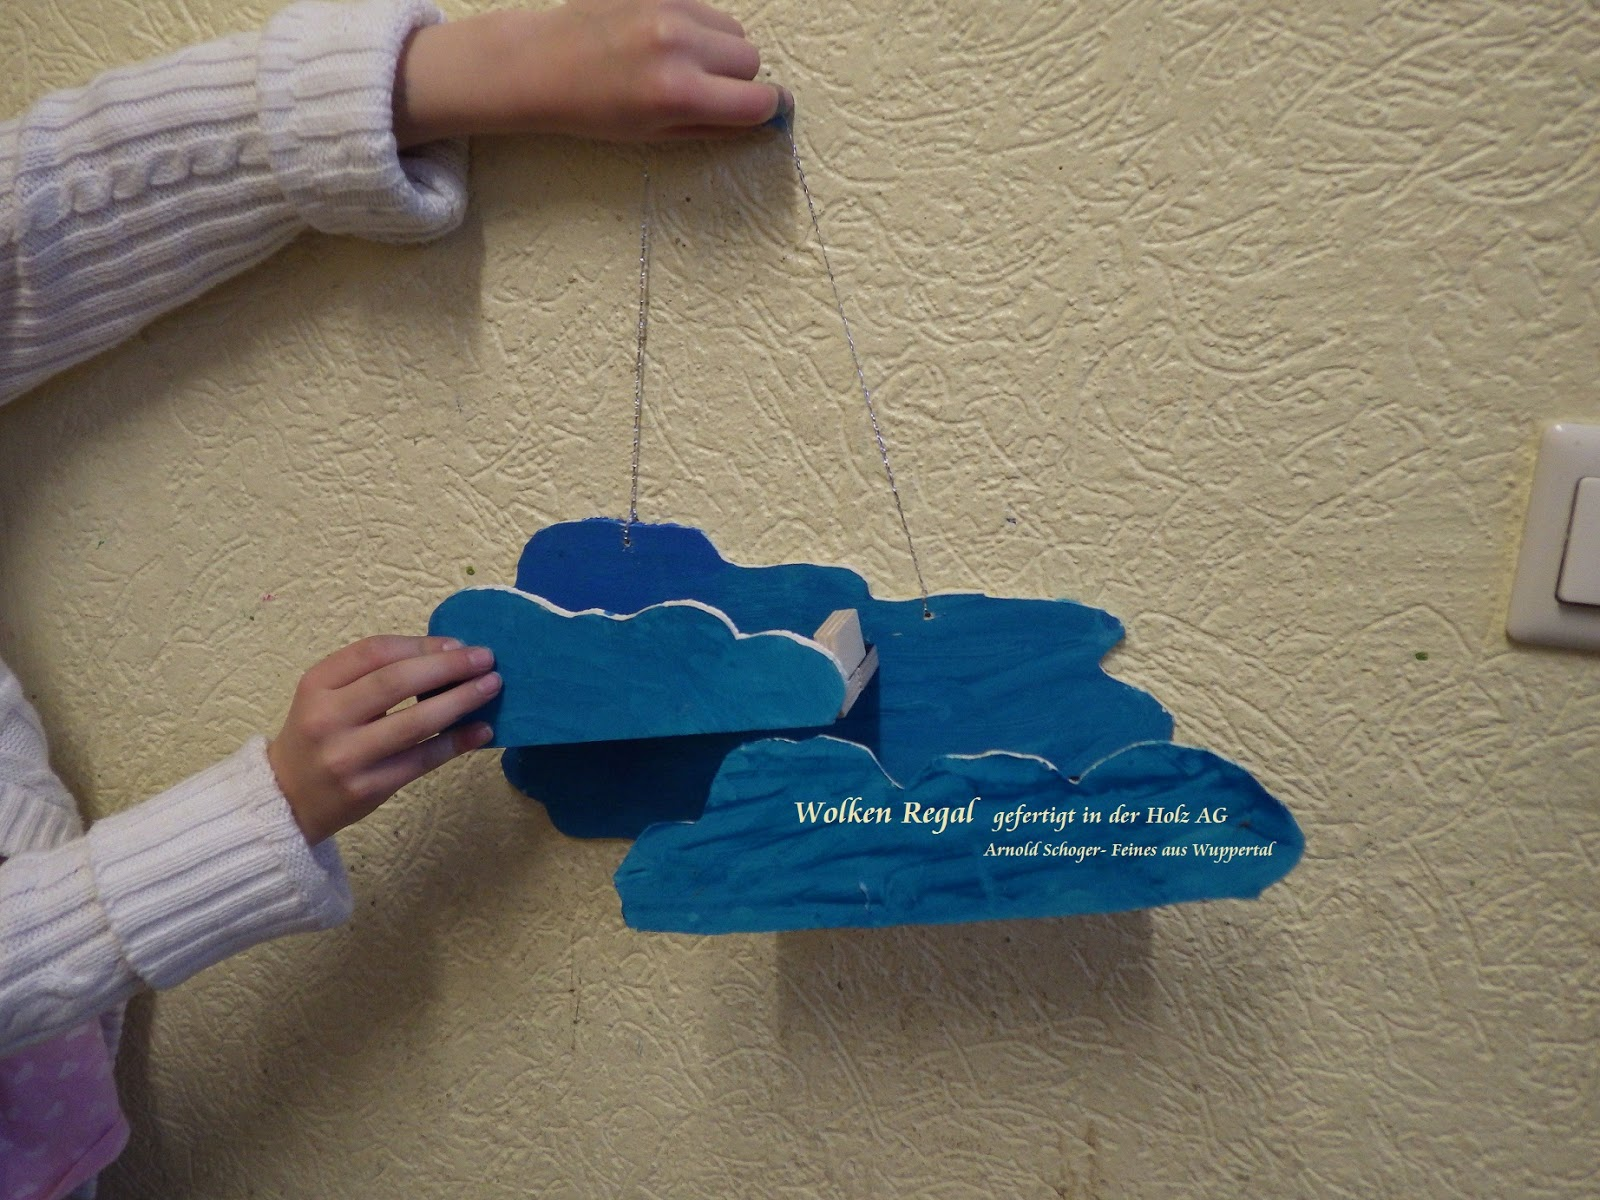 Laubsäge Ideen Für Kinder Ein Wolken Regal Laubsägen Und